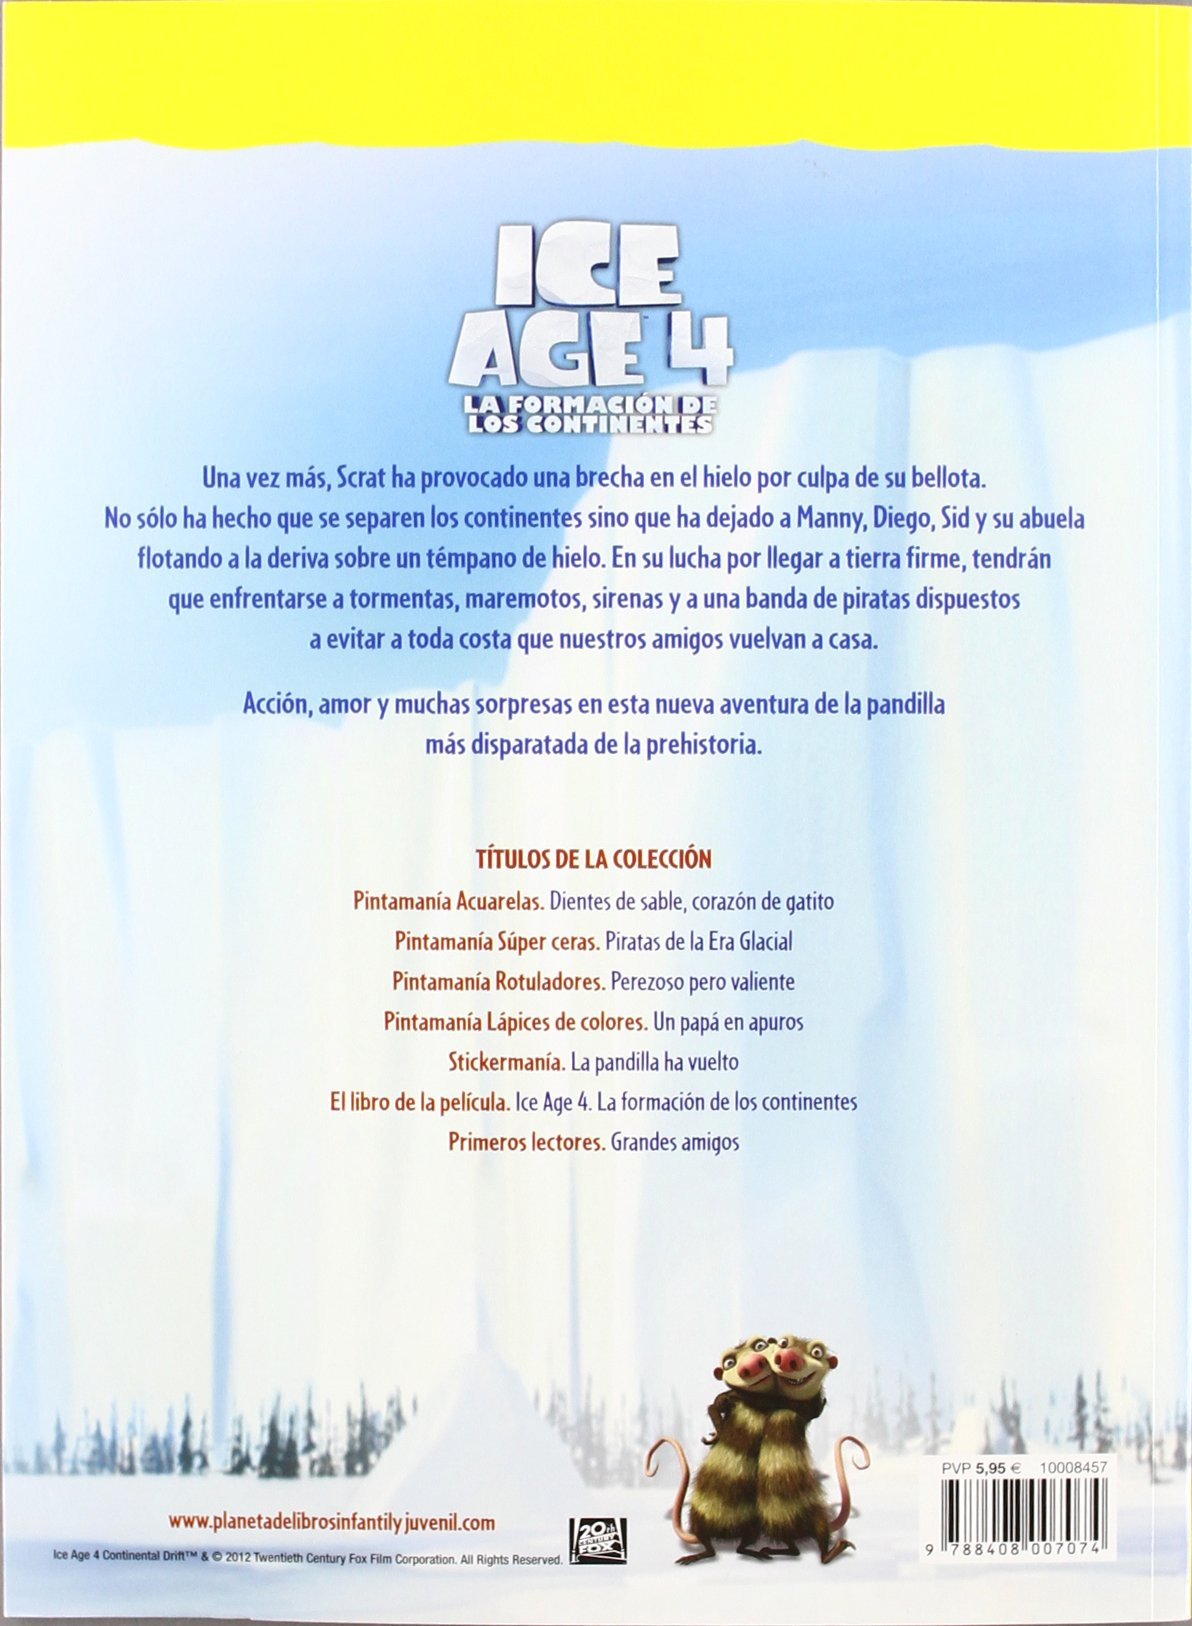 El libro de la película: Ice Age 4: 9788408007074: Amazon.com: Books